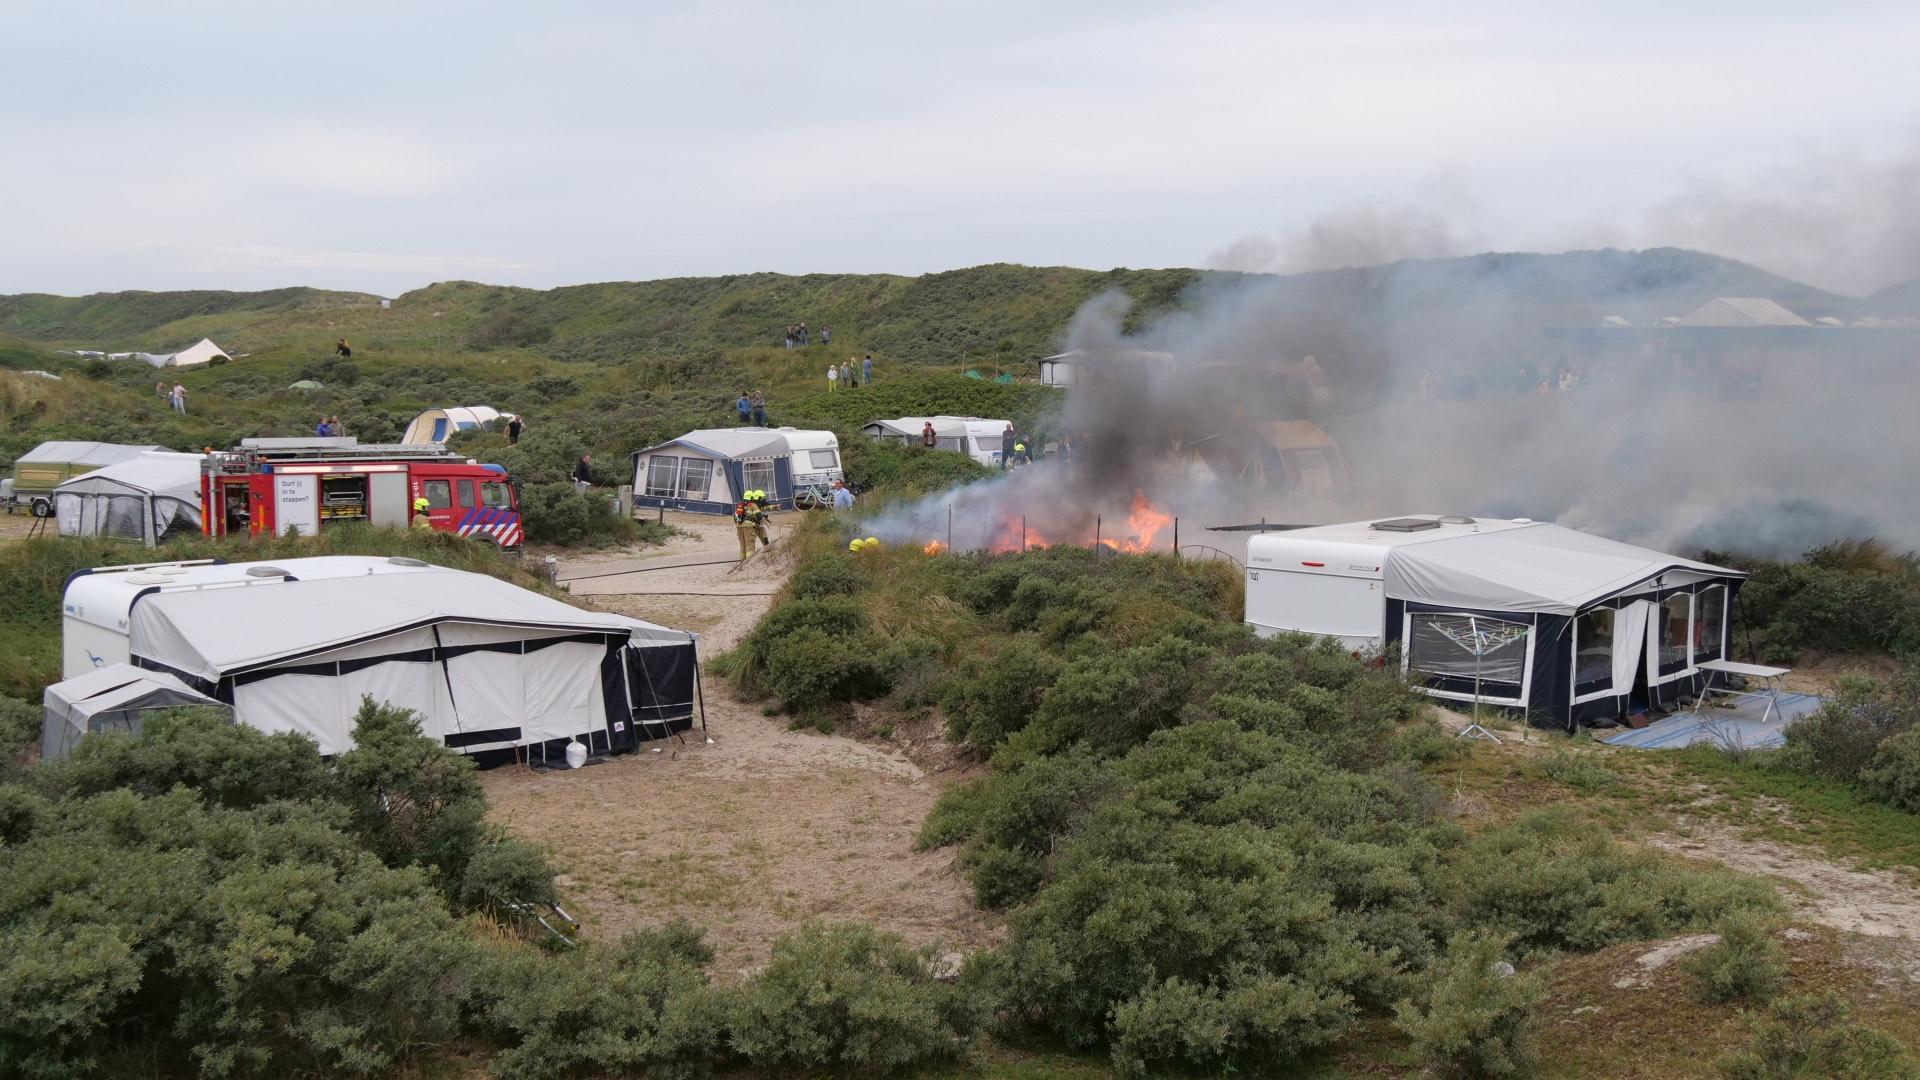 Caravan volledig in de as op camping in Texelse duinen